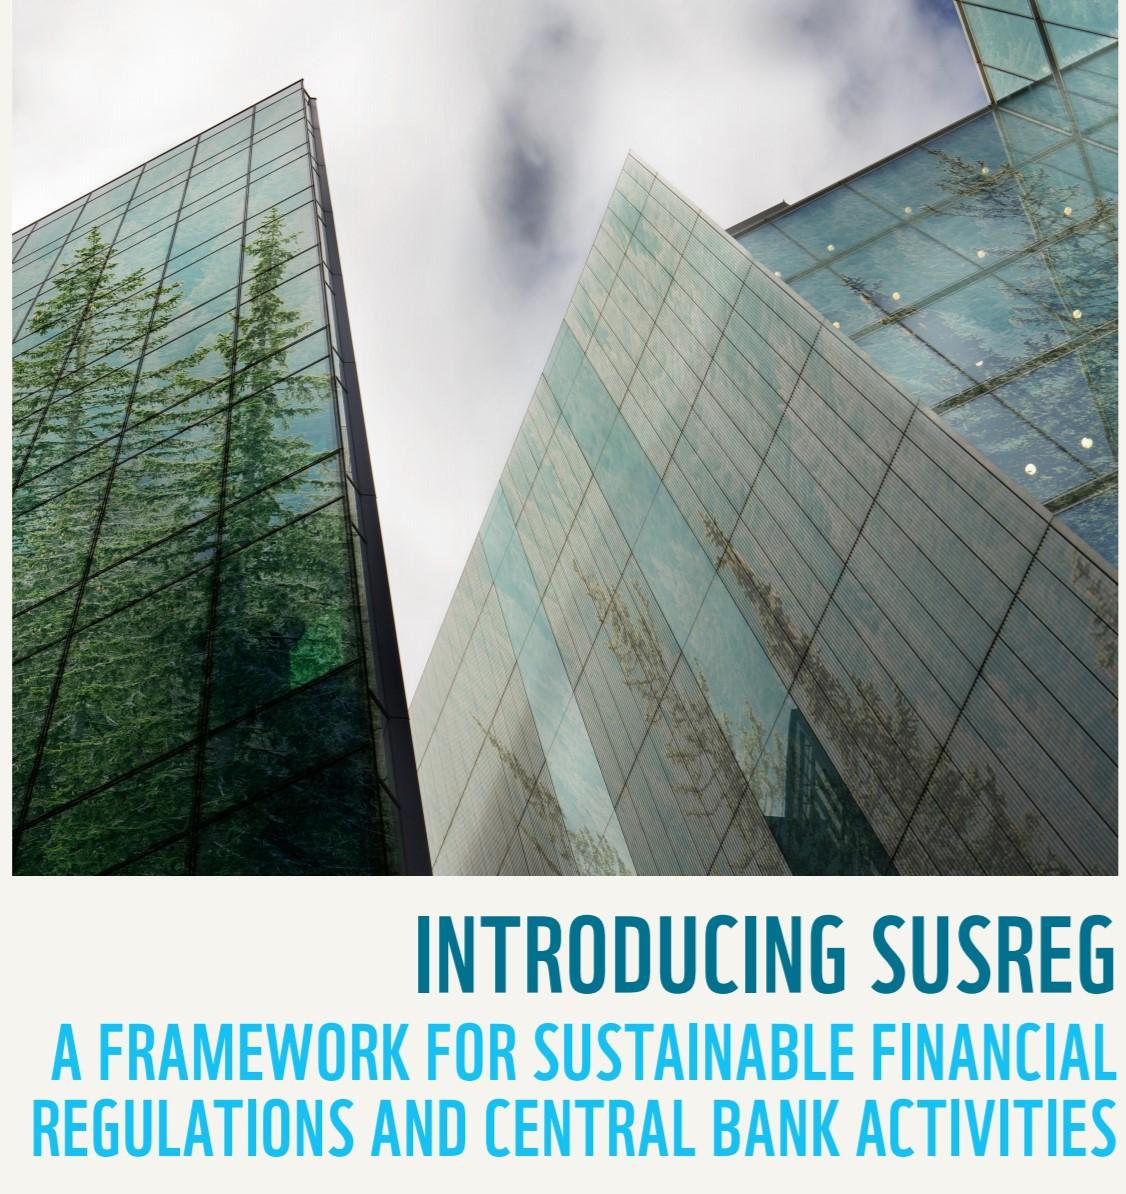 WWF lanceert raamwerk voor omslag naar duurzaam financieel systeem